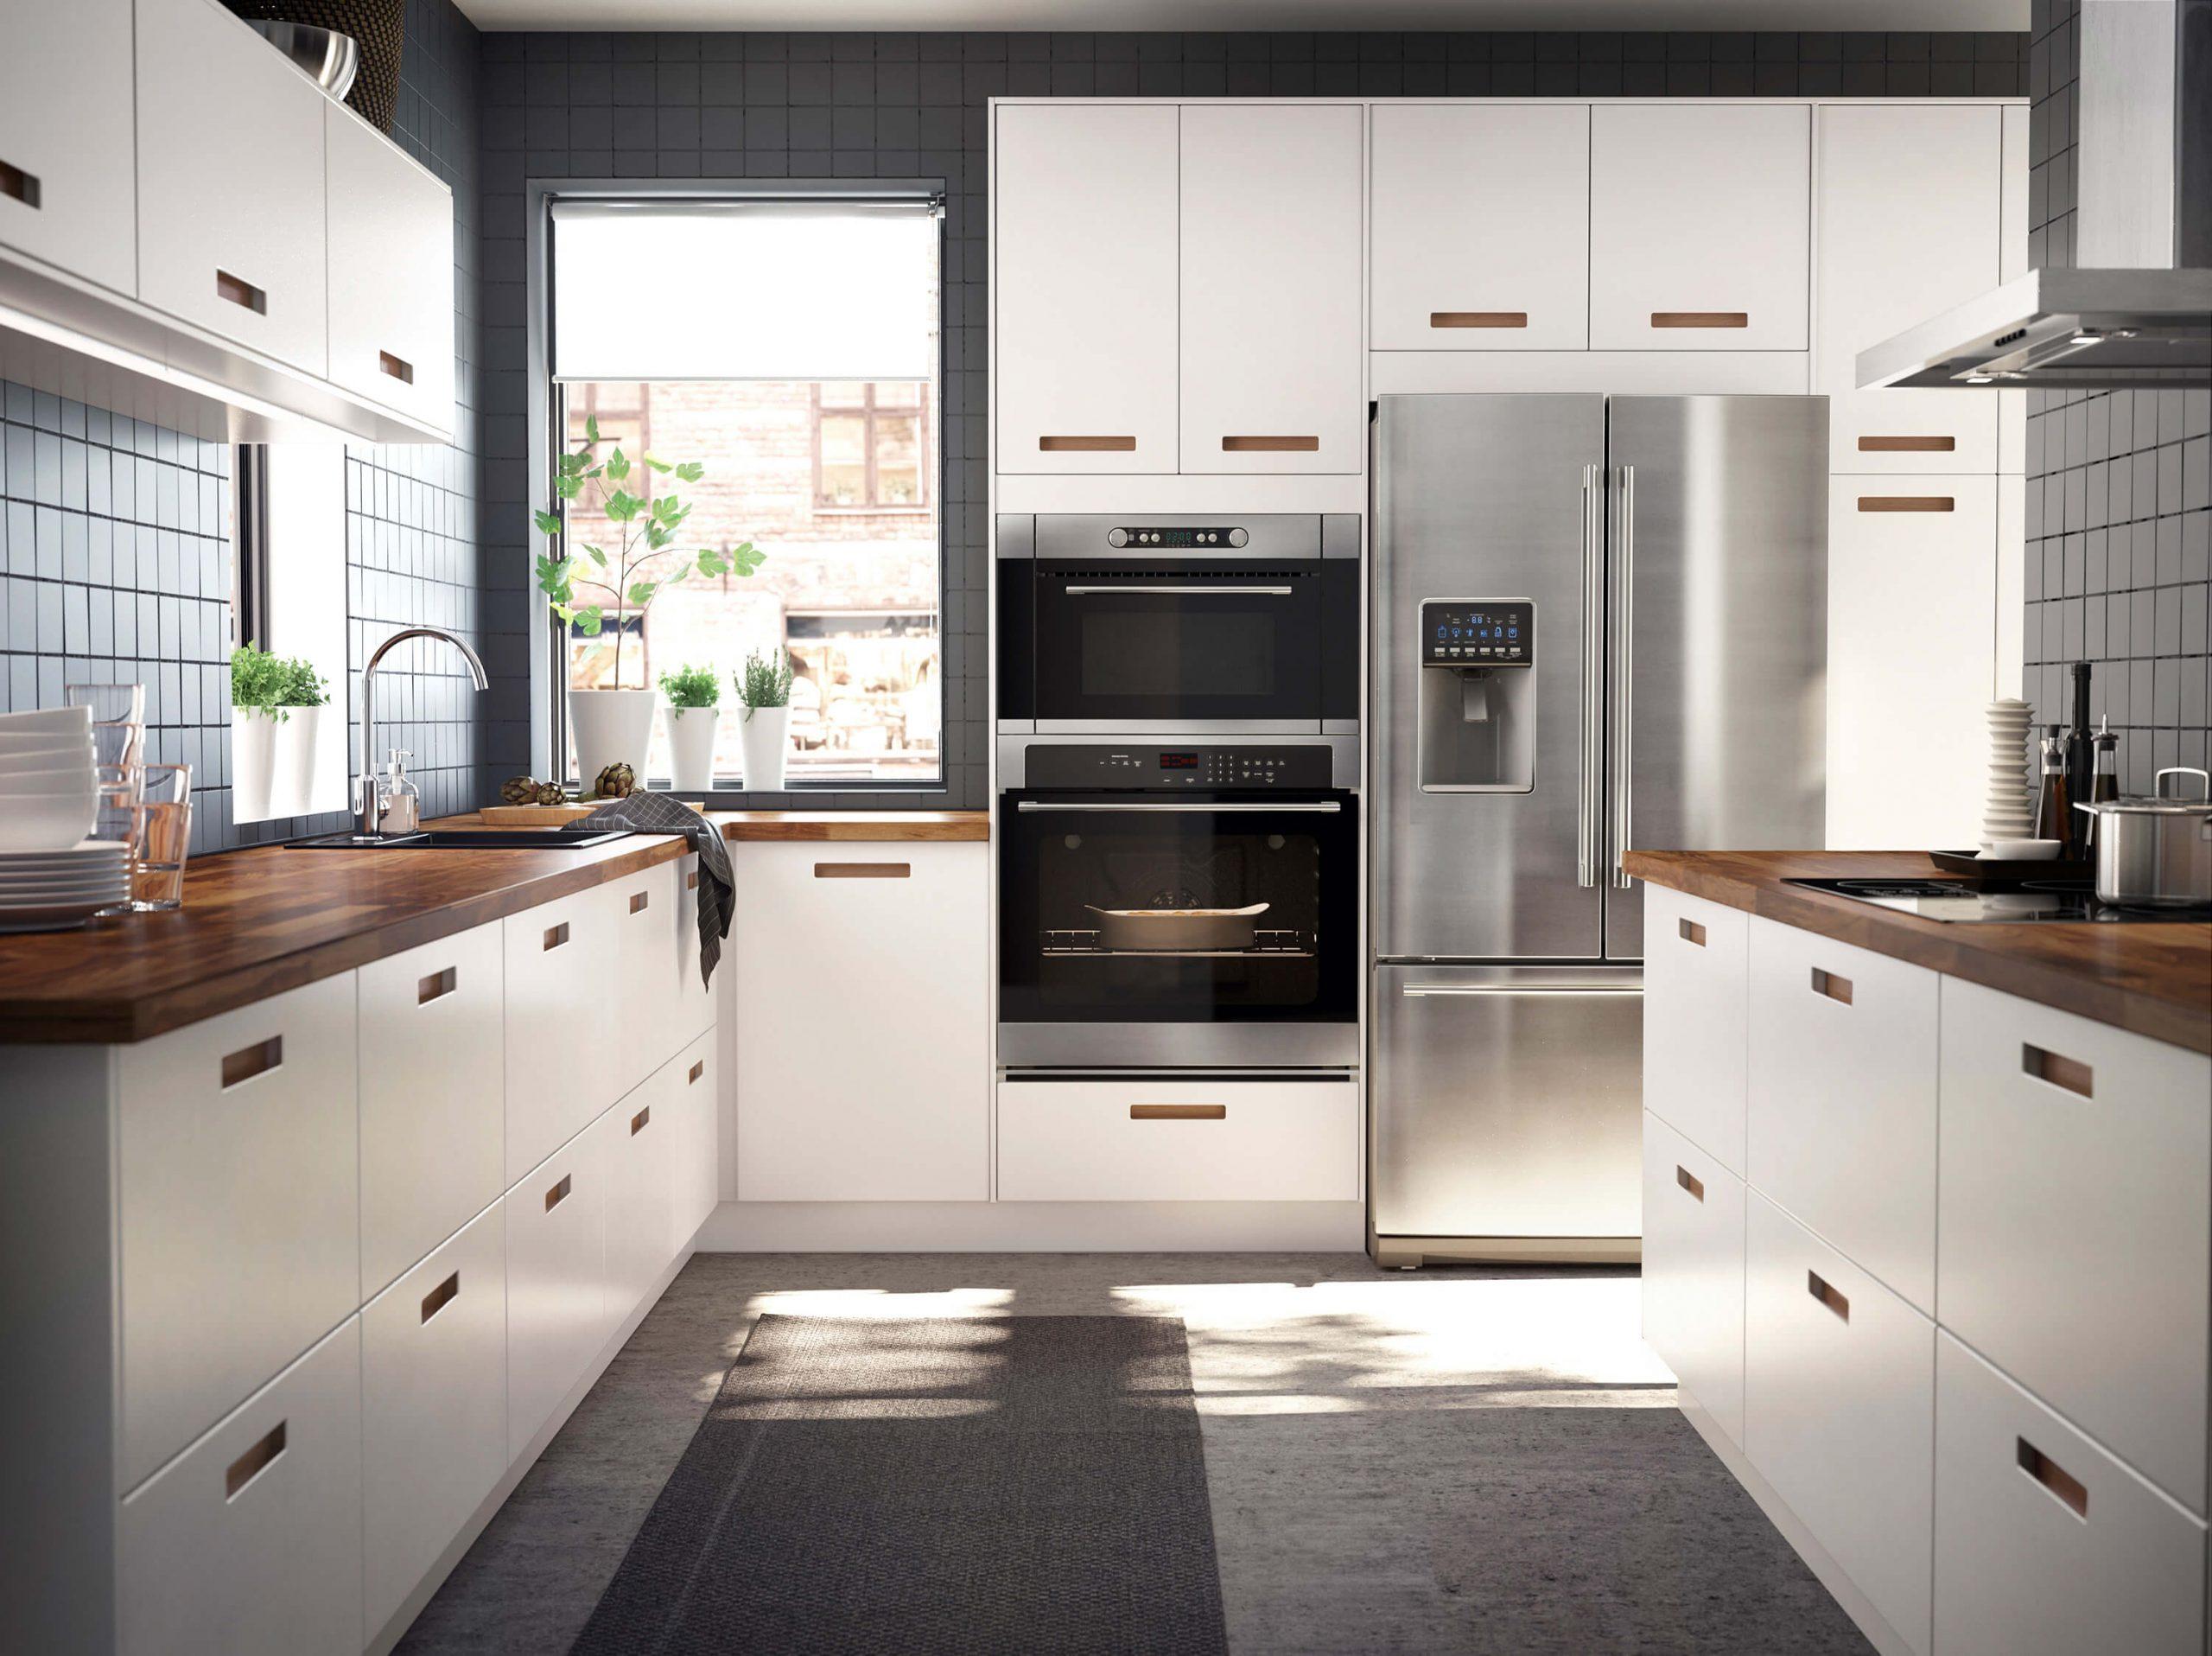 Full Size of Ikea Küchen Wie Viel Kostet Eine Kche Mit Und Ohne Ausmessen Betten Bei Modulküche Miniküche Küche Kosten Kaufen 160x200 Regal Sofa Schlaffunktion Wohnzimmer Ikea Küchen